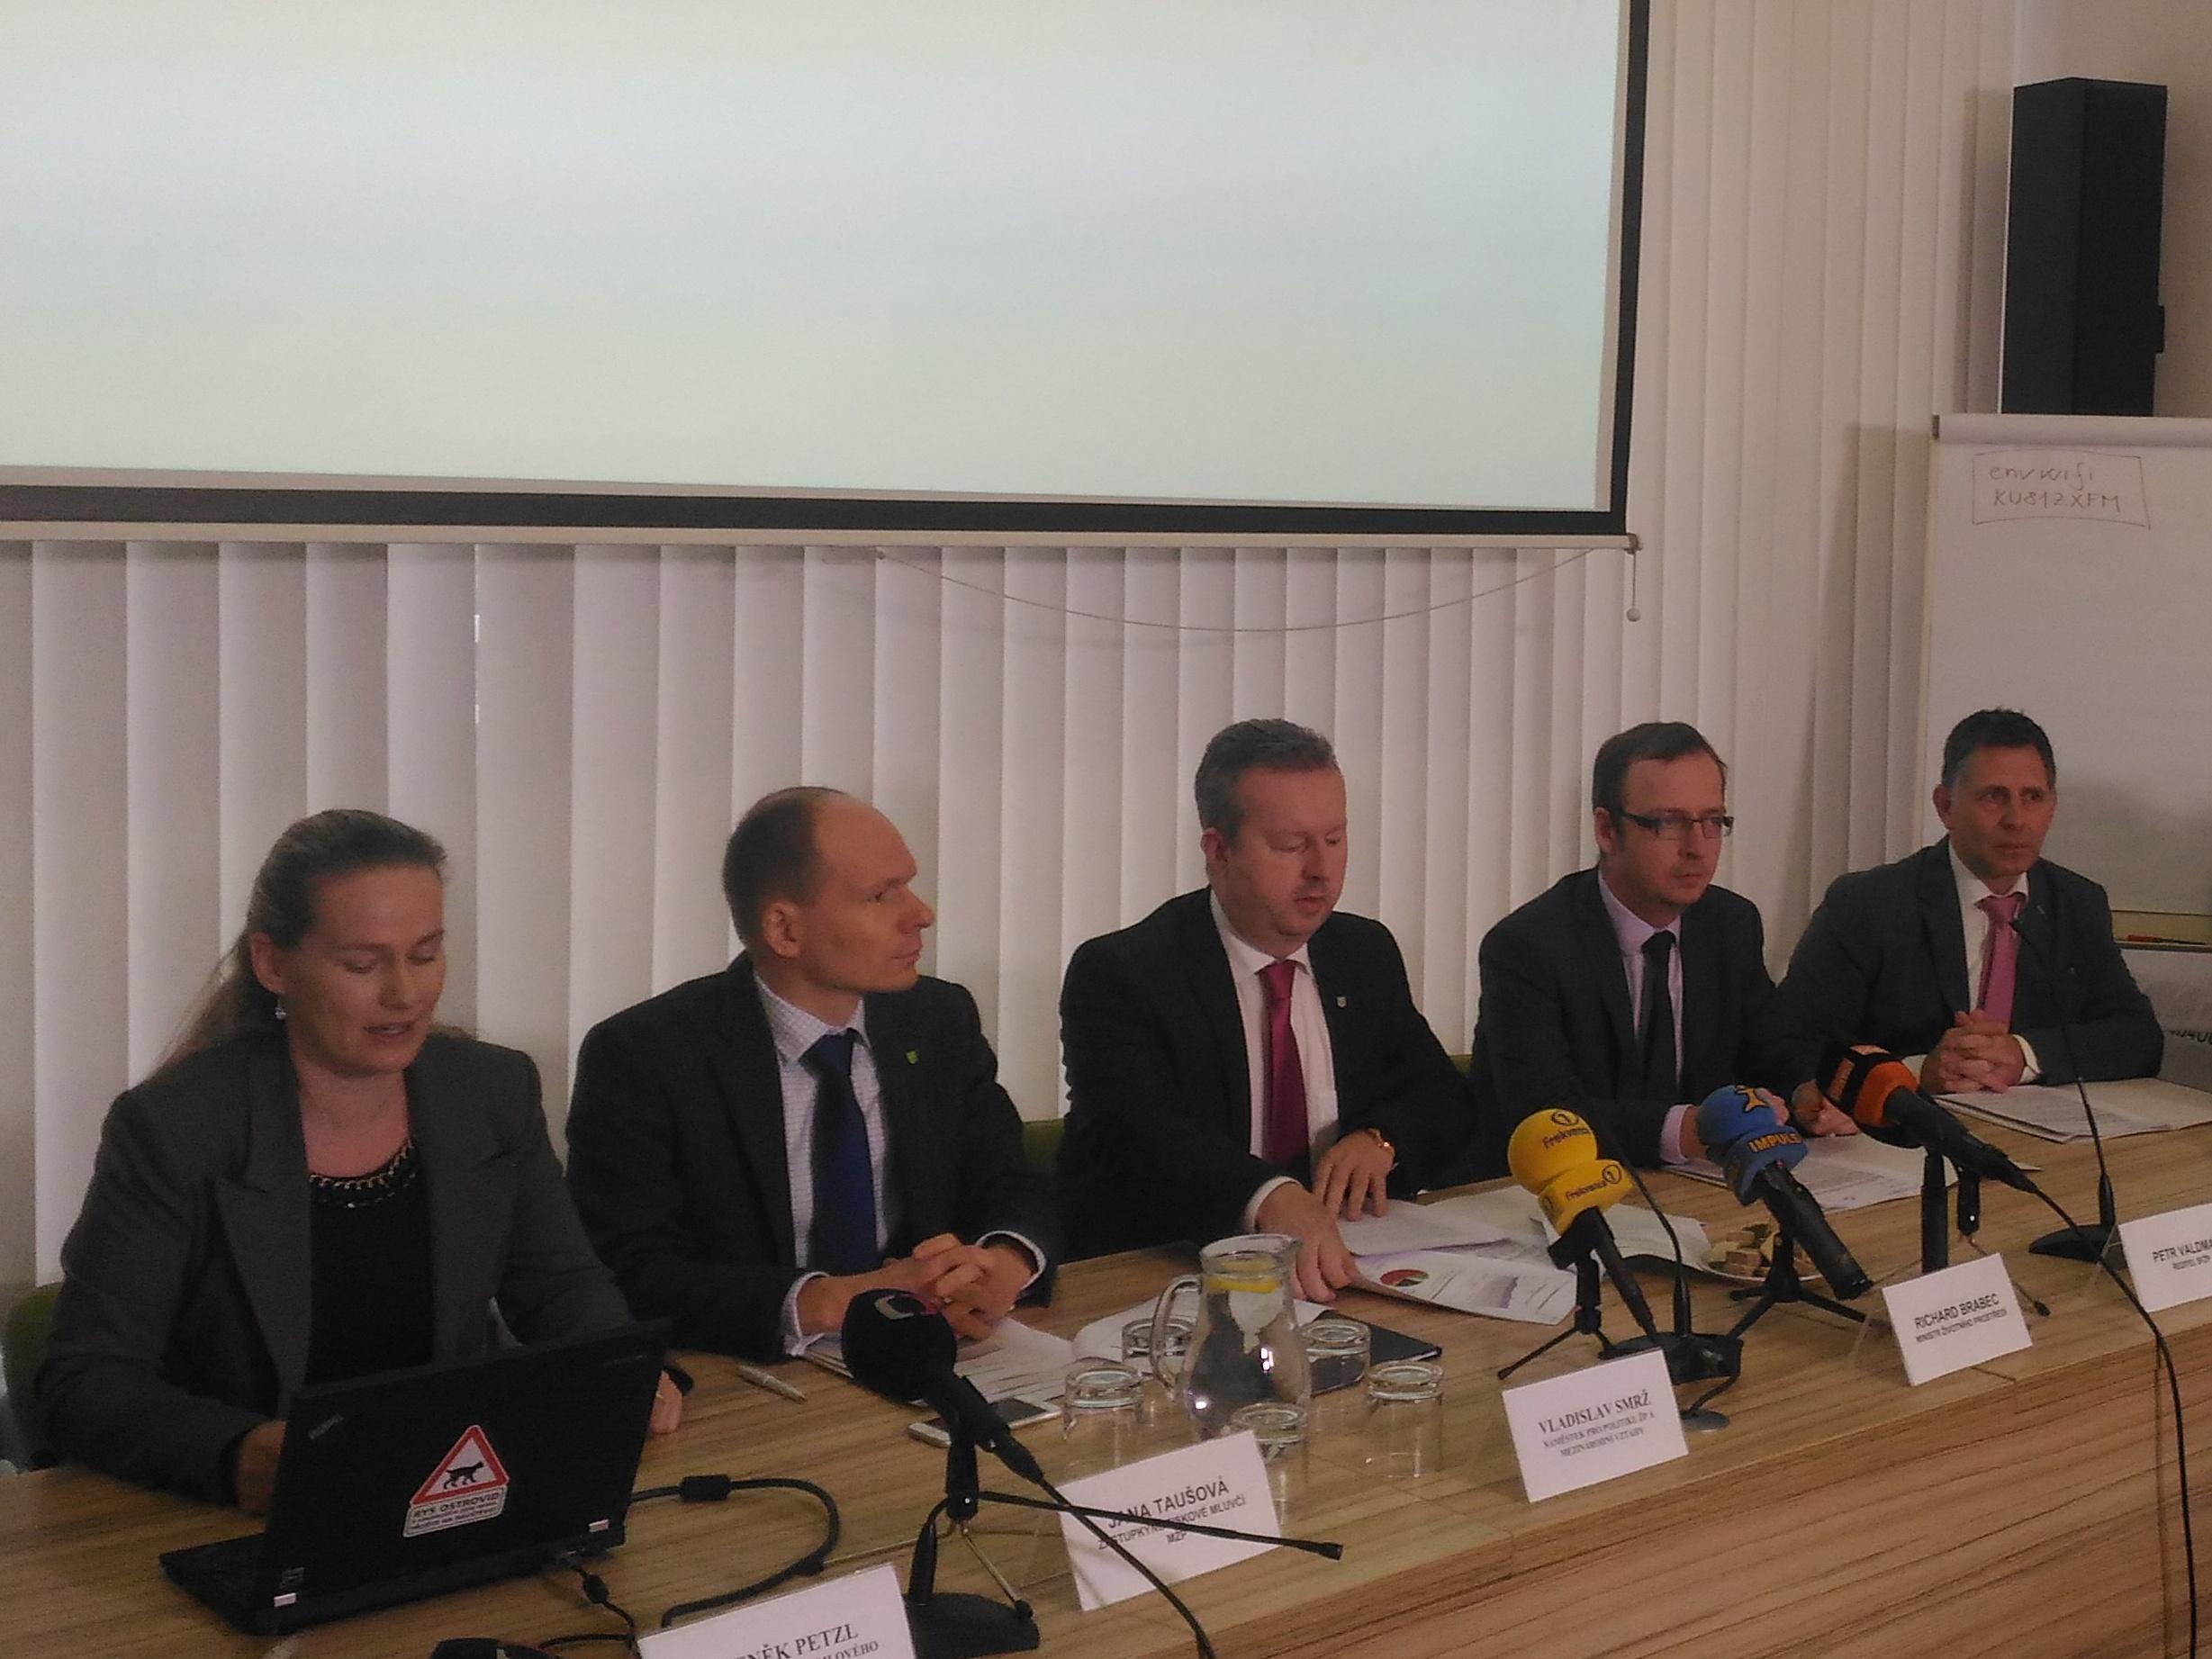 100 milionů pro obce a kraje na ekologická auta. Ministr Brabec zahájil příjem žádostí a podepsal memorandum s výrobci aut, plynaři a energetiky